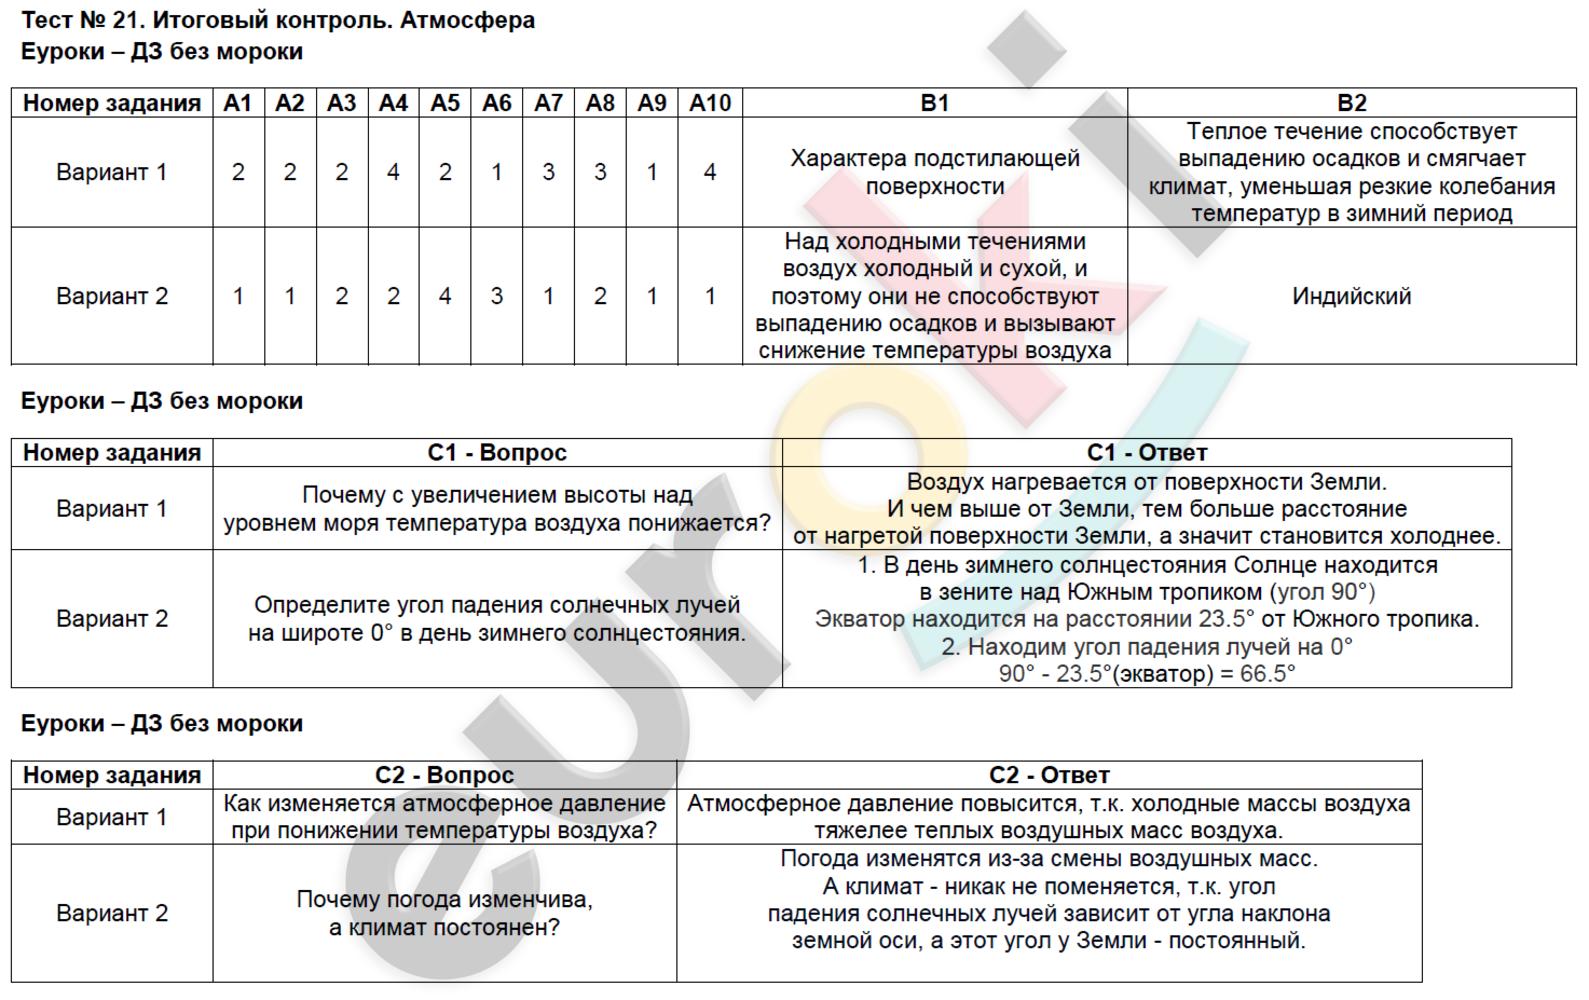 ГДЗ по географии 6 класс контрольно-измерительные материалы Жижина. Задание: Тест 21. Итоговый контроль. Атмосфера